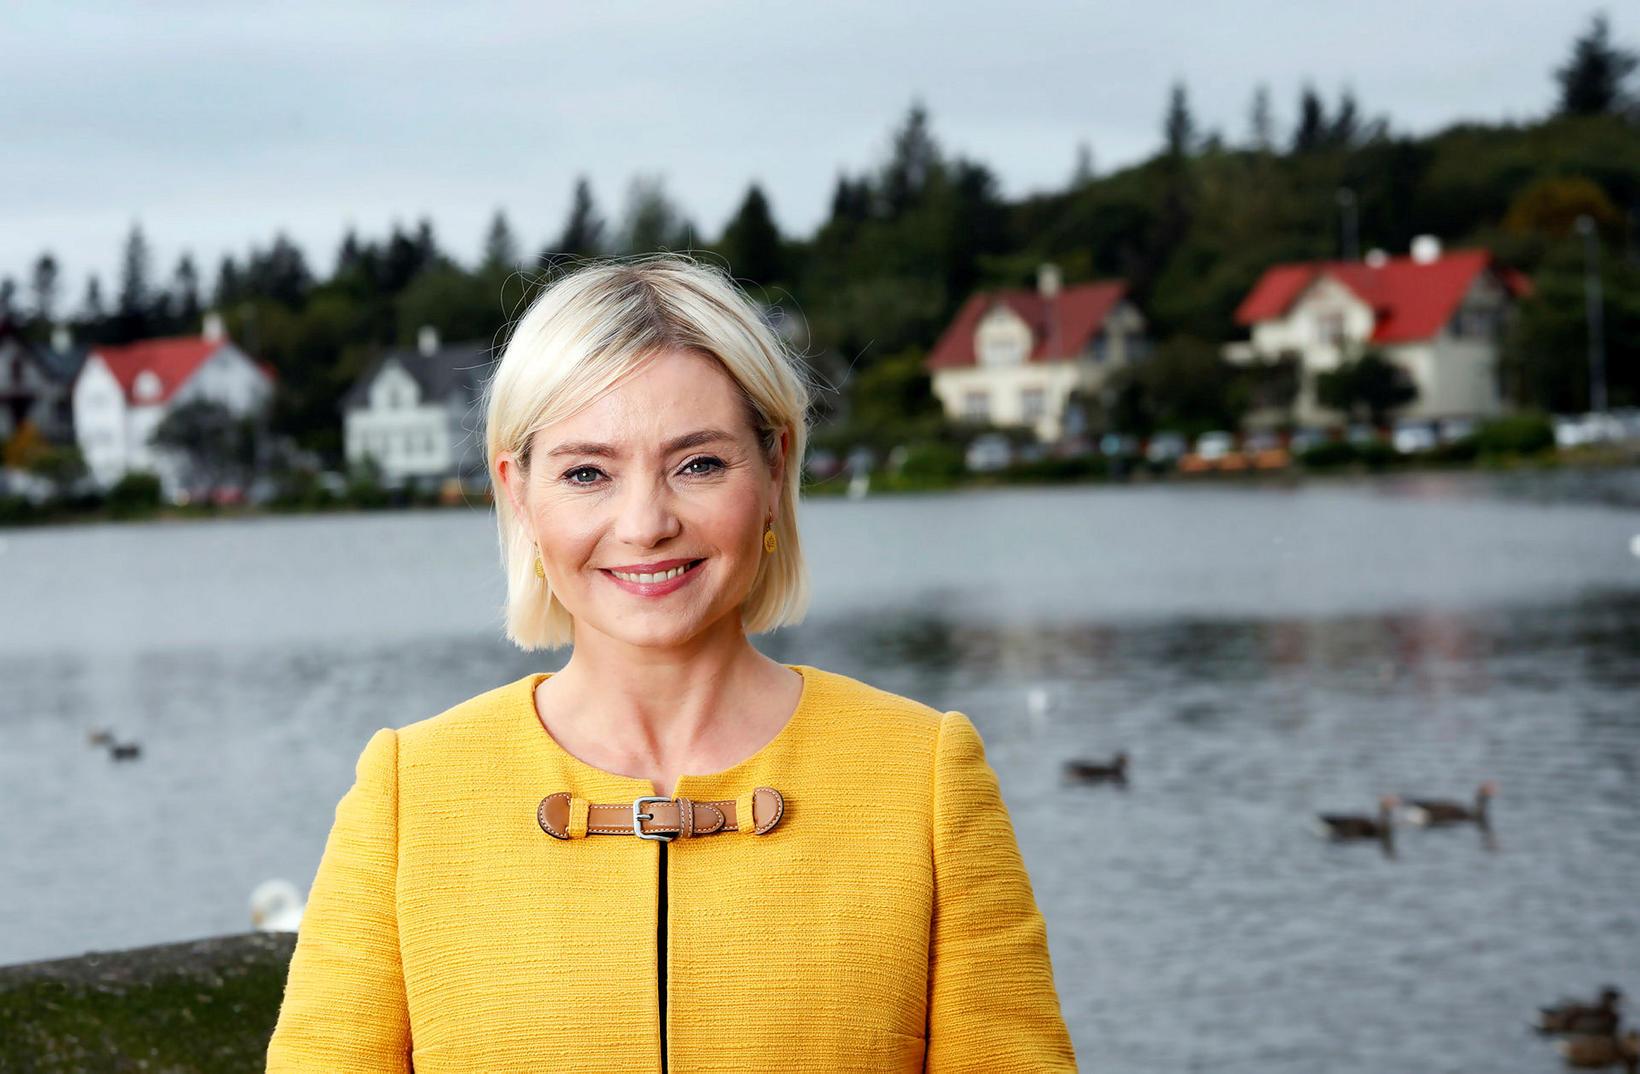 Lilja Alfreðsdóttir er starfandi íþróttamálaráðherra þjóðarinnar.